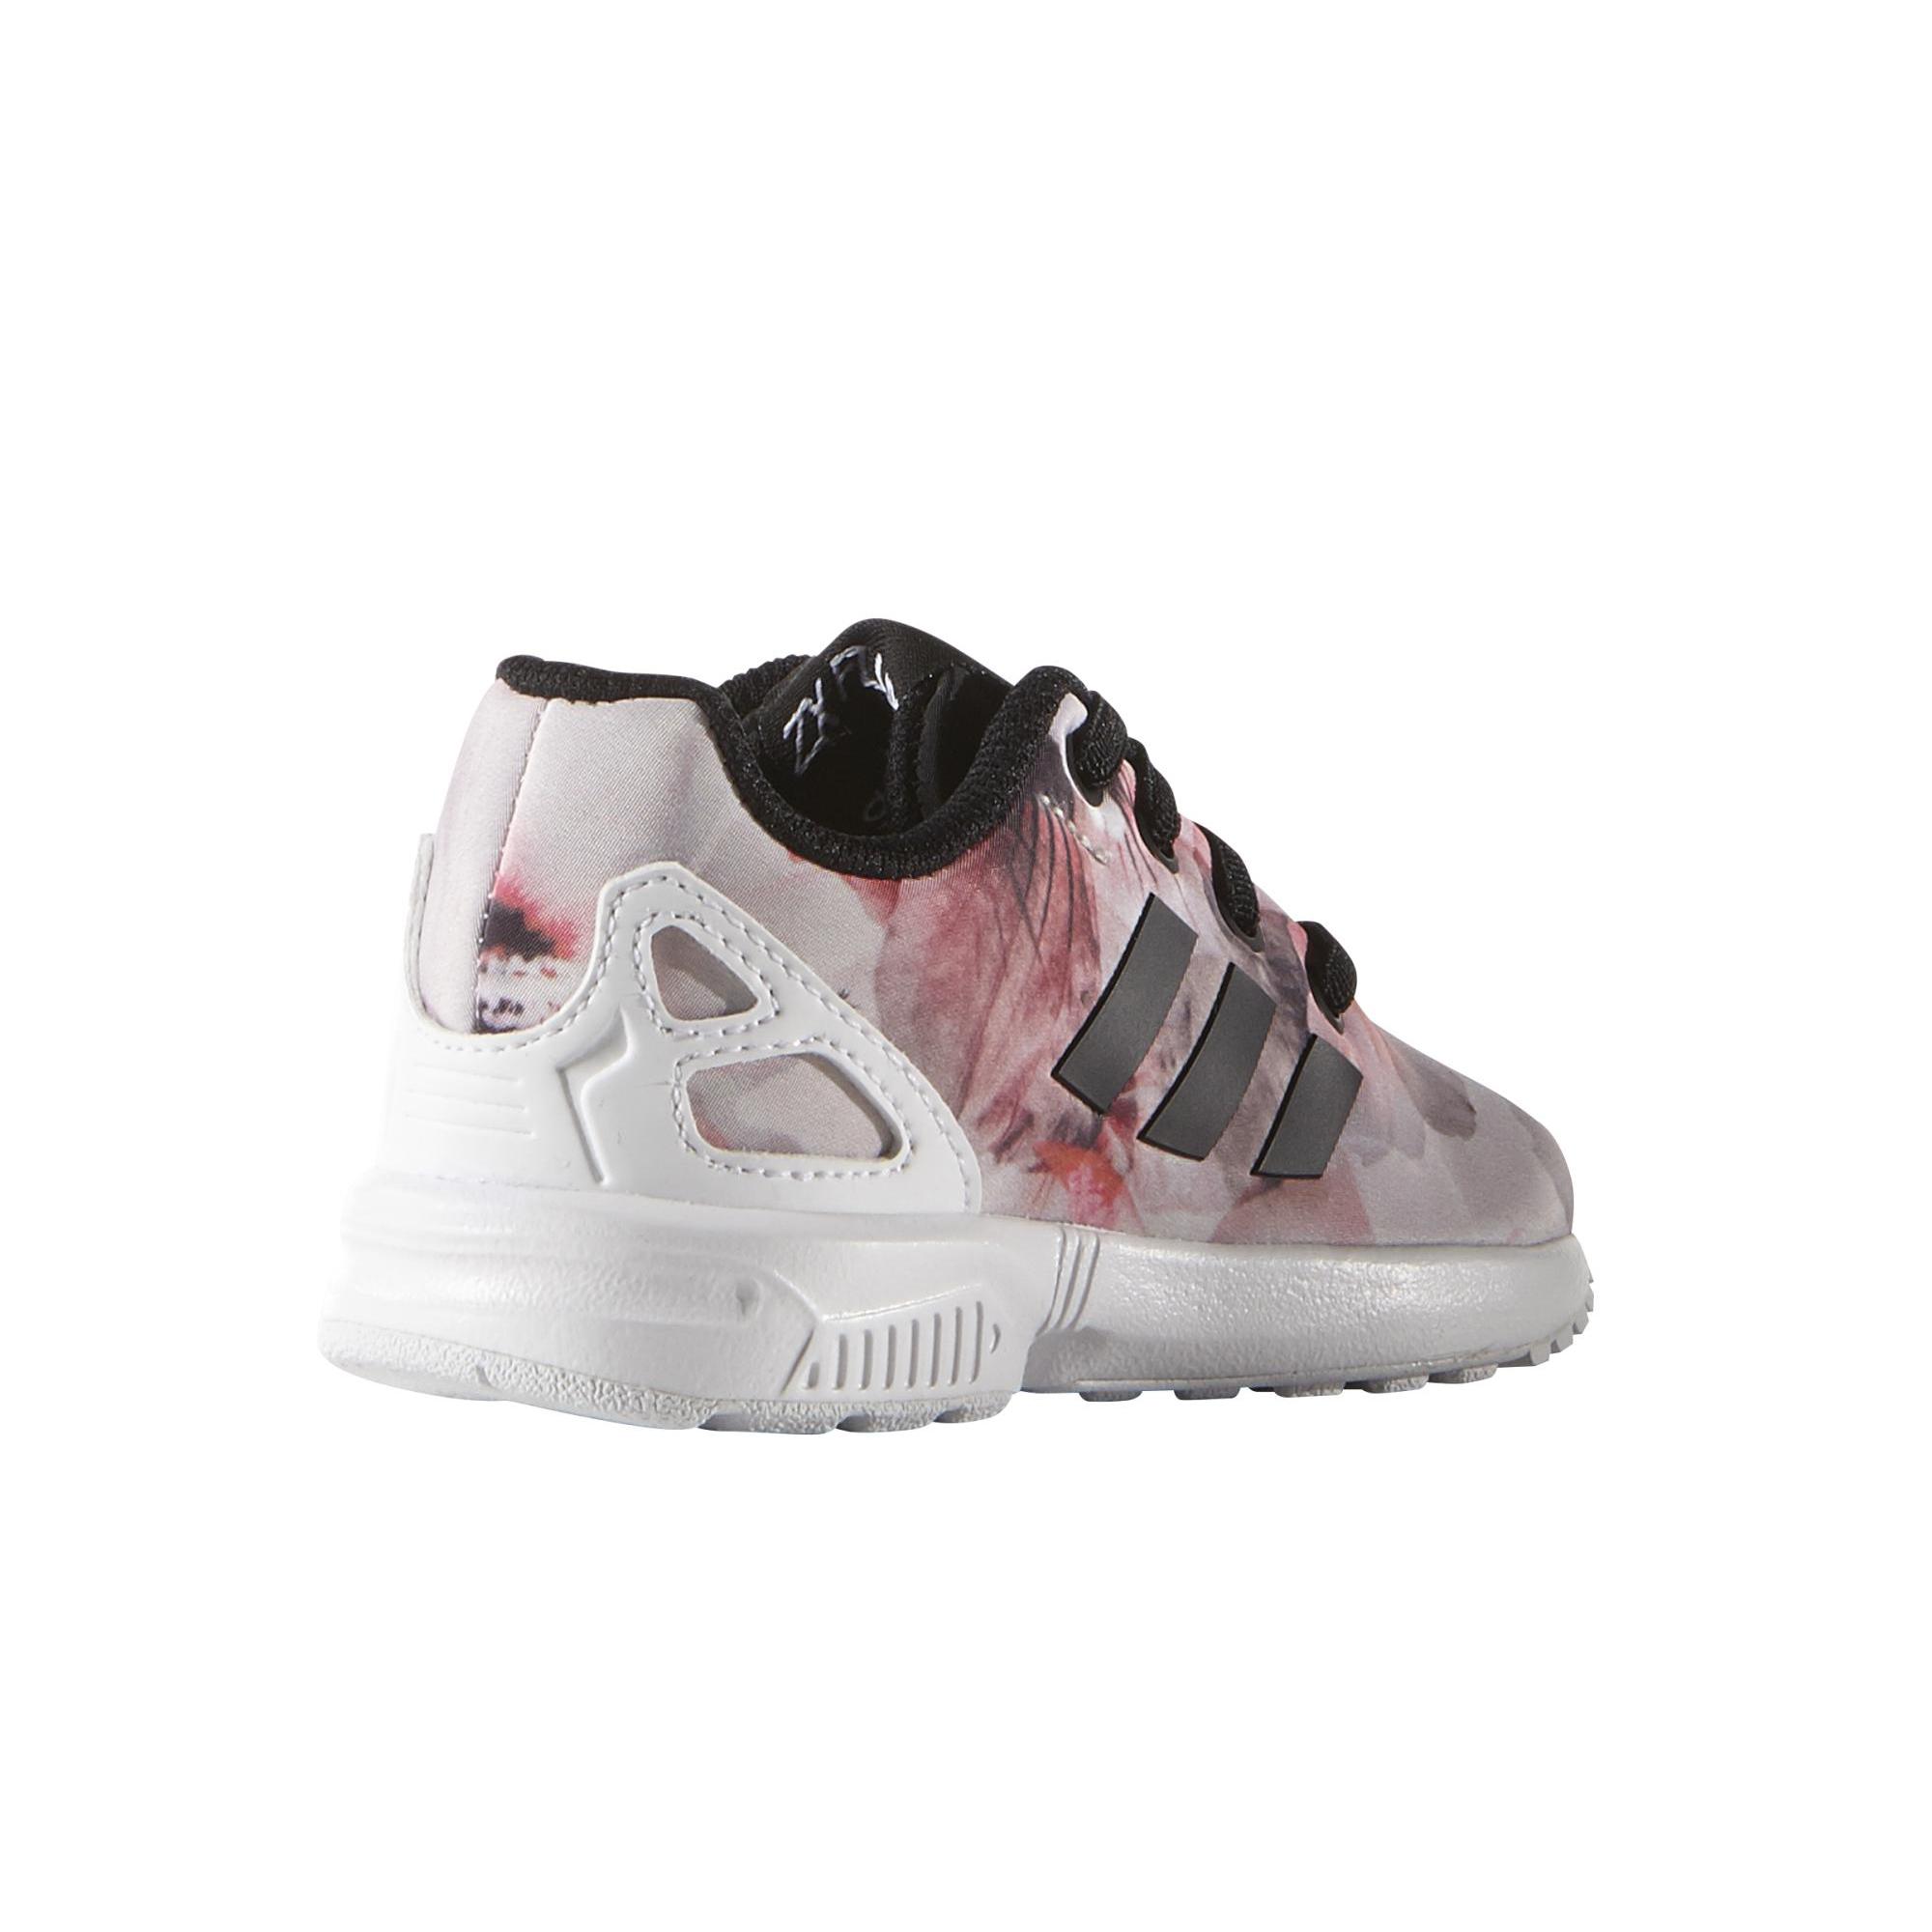 new concept d3ca5 97ab9 ... Adidas Originals ZX Flux EL I